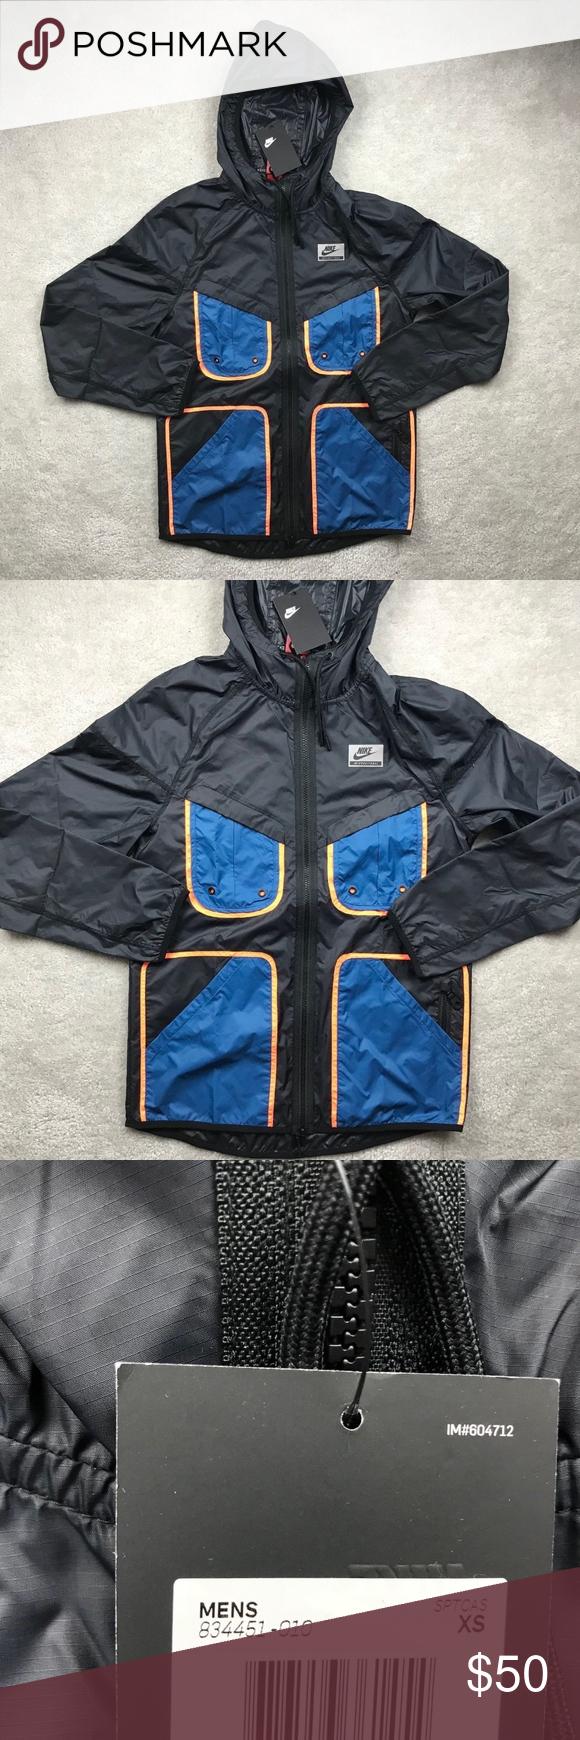 d83407177cd71e Nike International Windrunner Jacket Black Blue Nike International  Windrunner Jacket Black Blue Orange Men s XS-